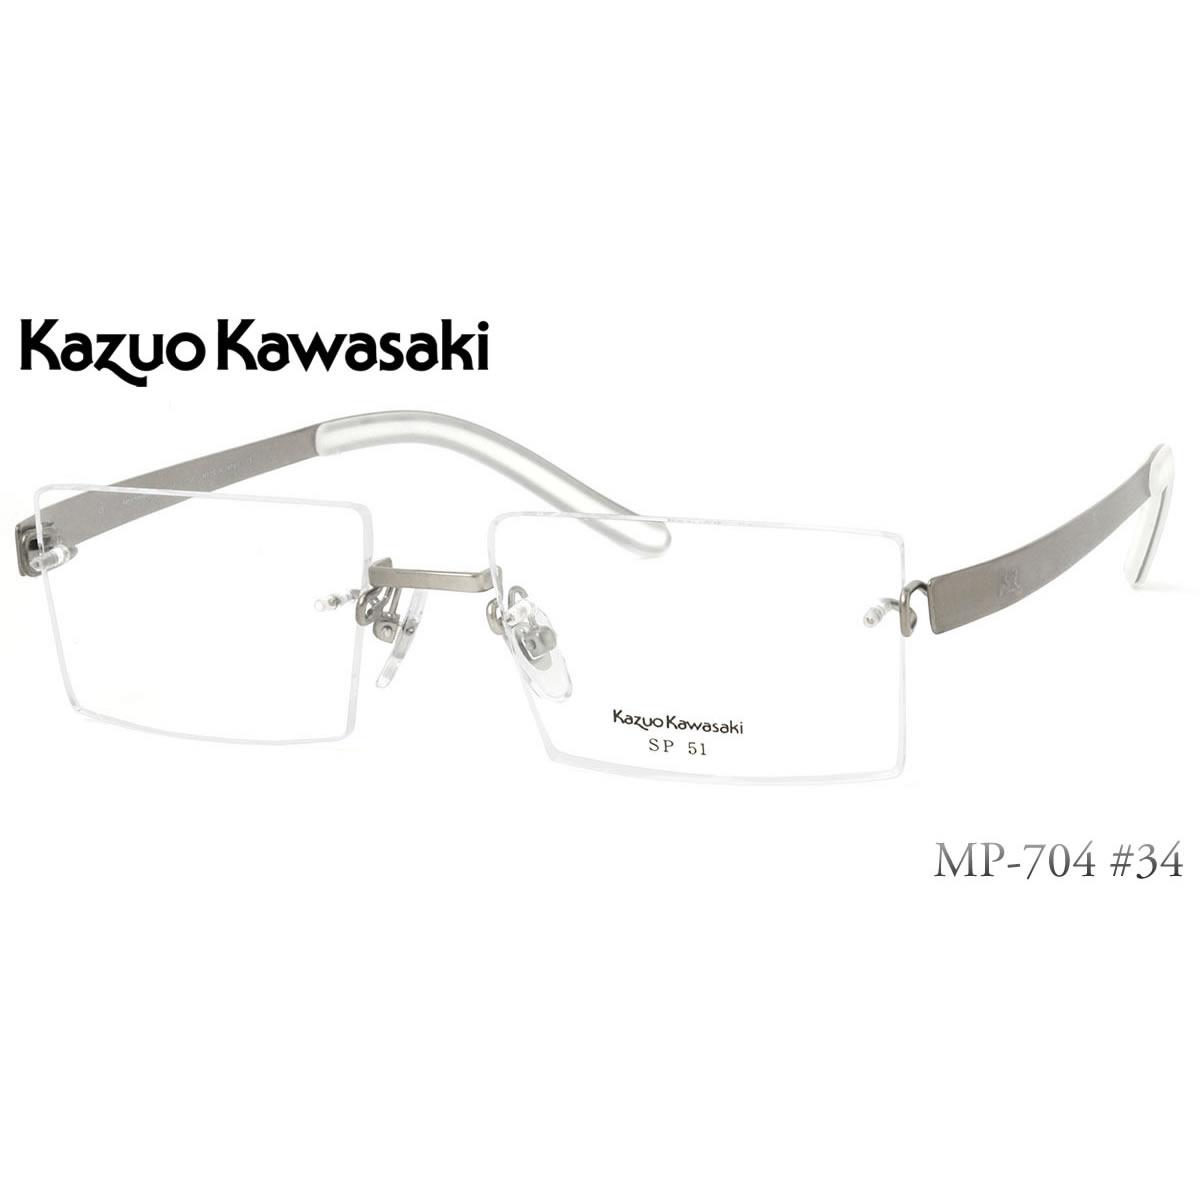 ポイント最大42倍!!お得なクーポンも !! 【KAZUO KAWASAKI メガネ】カワサキカズオ メガネフレーム MP704 34 51サイズ